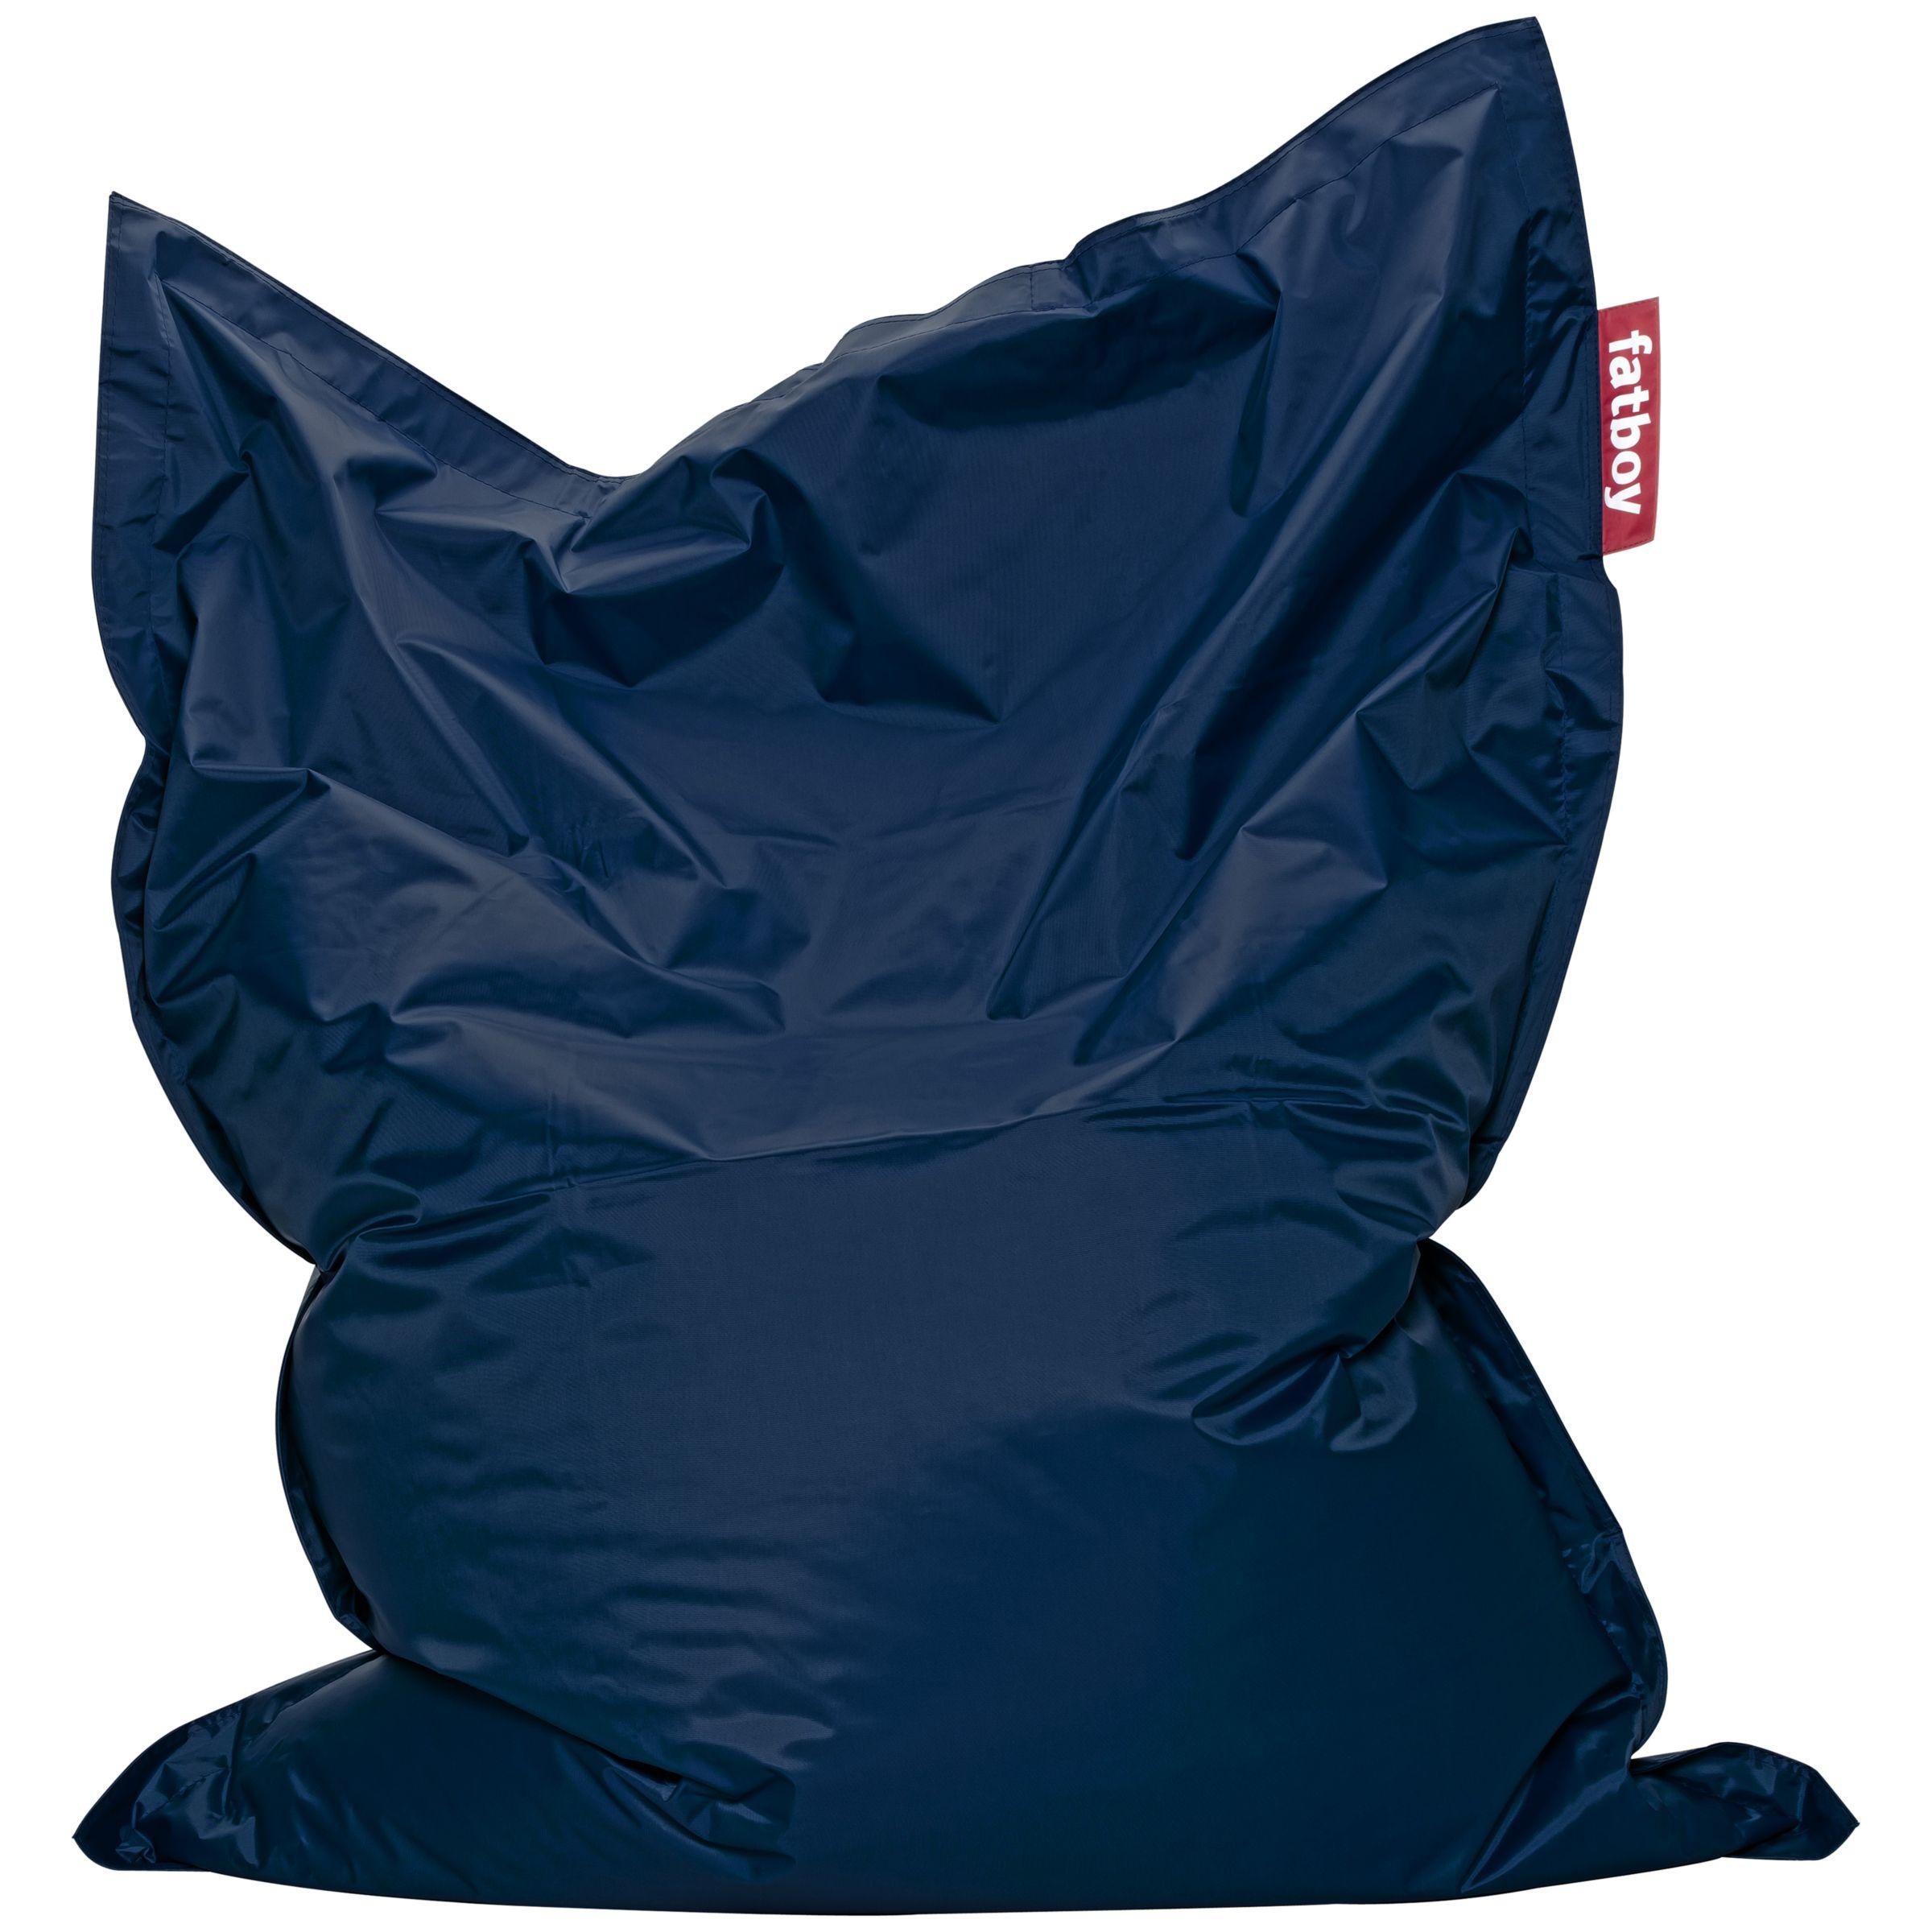 Fat Boy Bean Bag, Navy